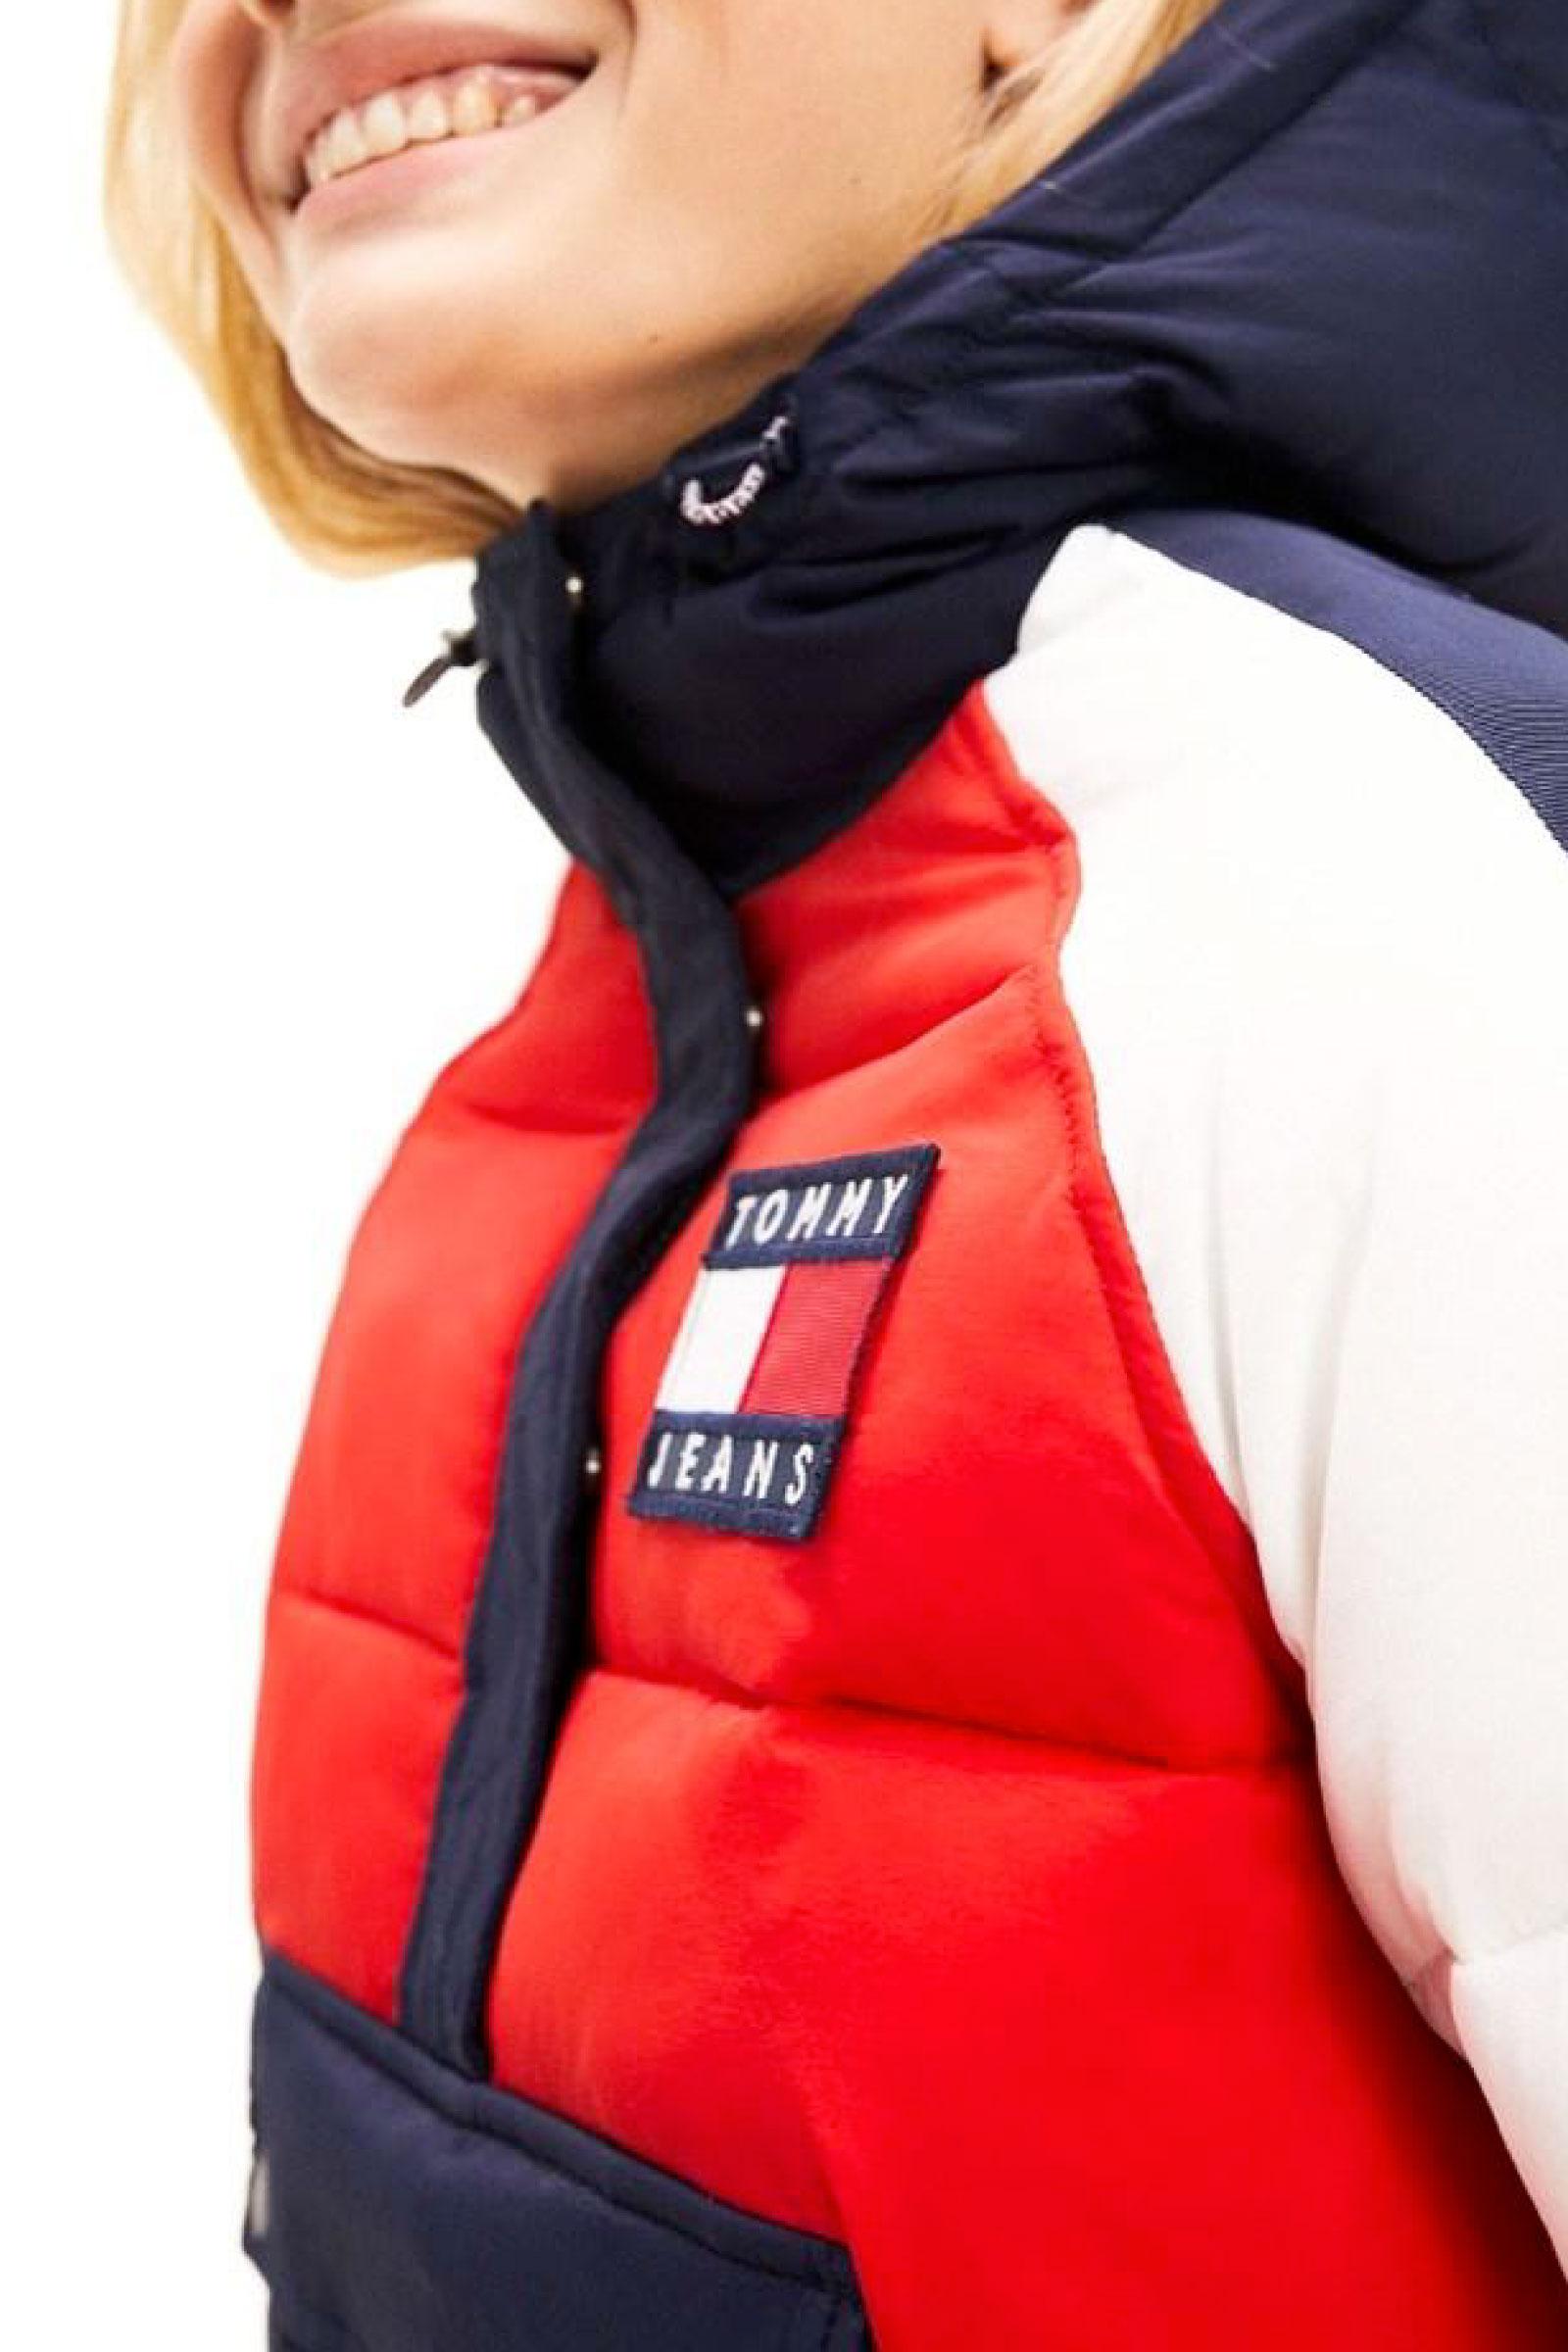 TOMMY JEANS Women's Jacket TOMMY JEANS | Jacket | DW0DW07366CBK